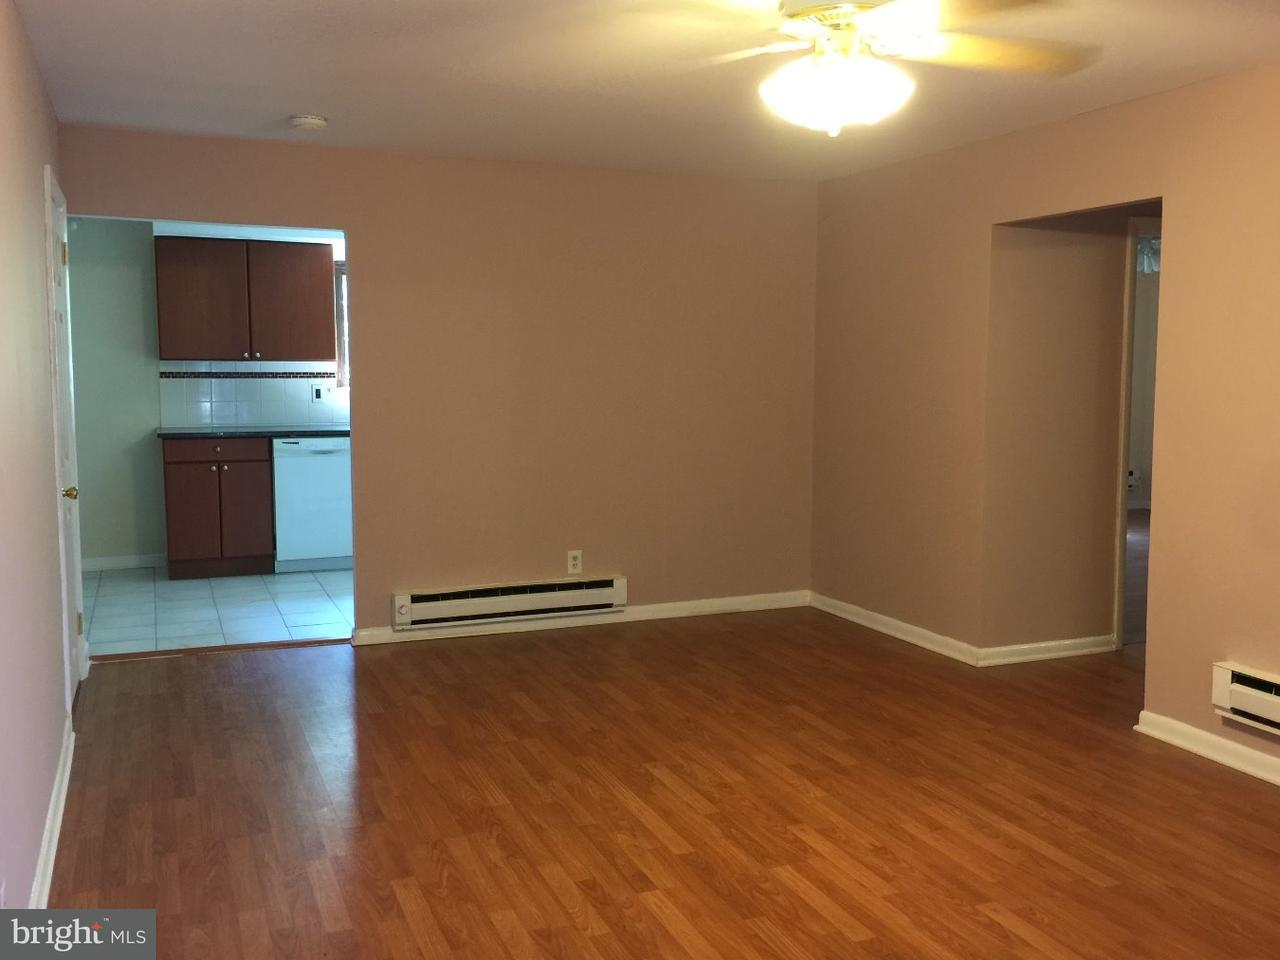 Appartement en copropriété pour l à louer à 118,118-122 E MORELAND AVE #21 Hatboro, Pennsylvanie 19040 États-Unis